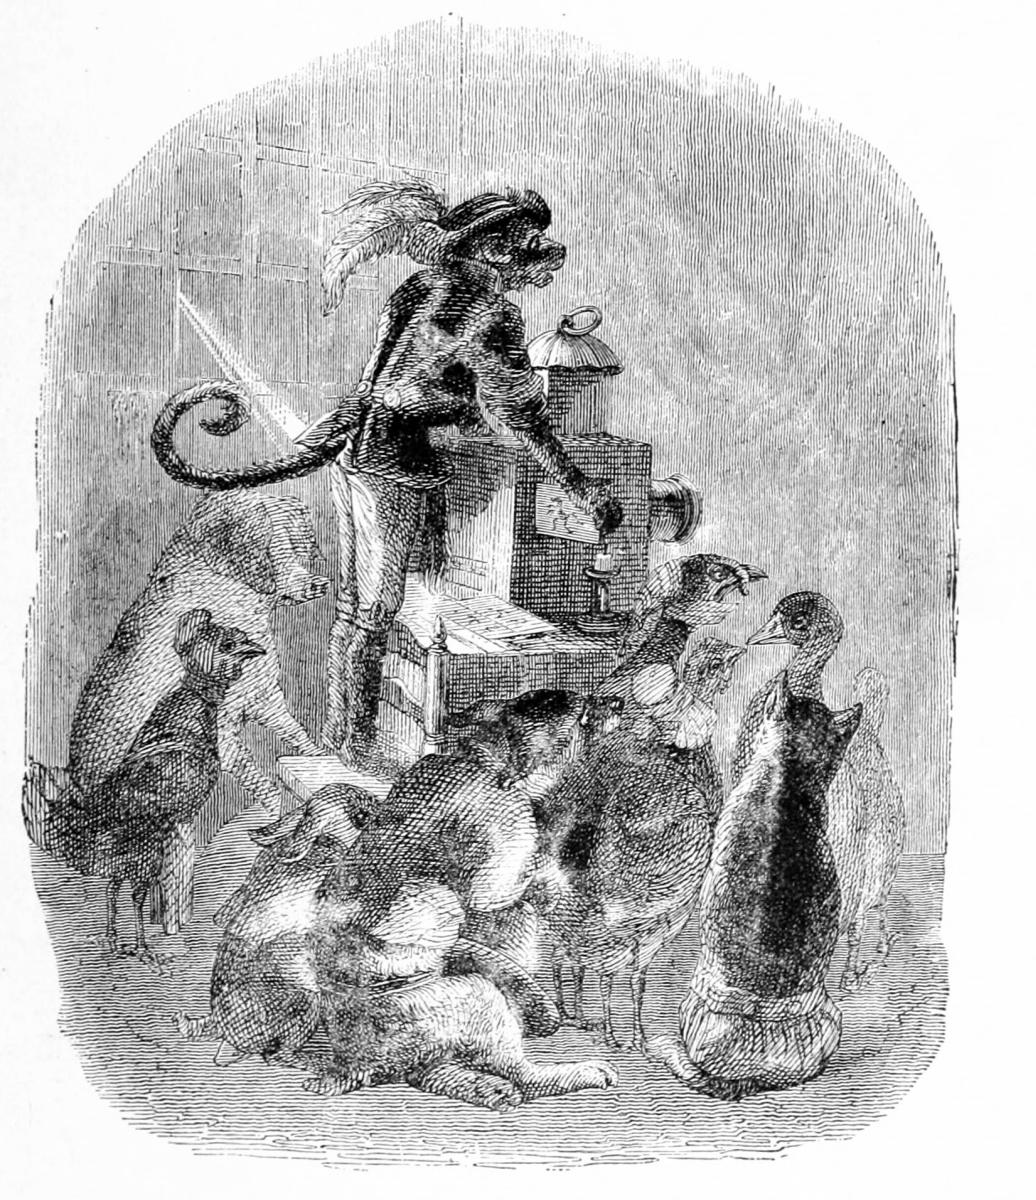 Жан Иньяс Изидор (Жерар) Гранвиль. Мартышка и волшебный фонарь. Иллюстрации к басням Флориана